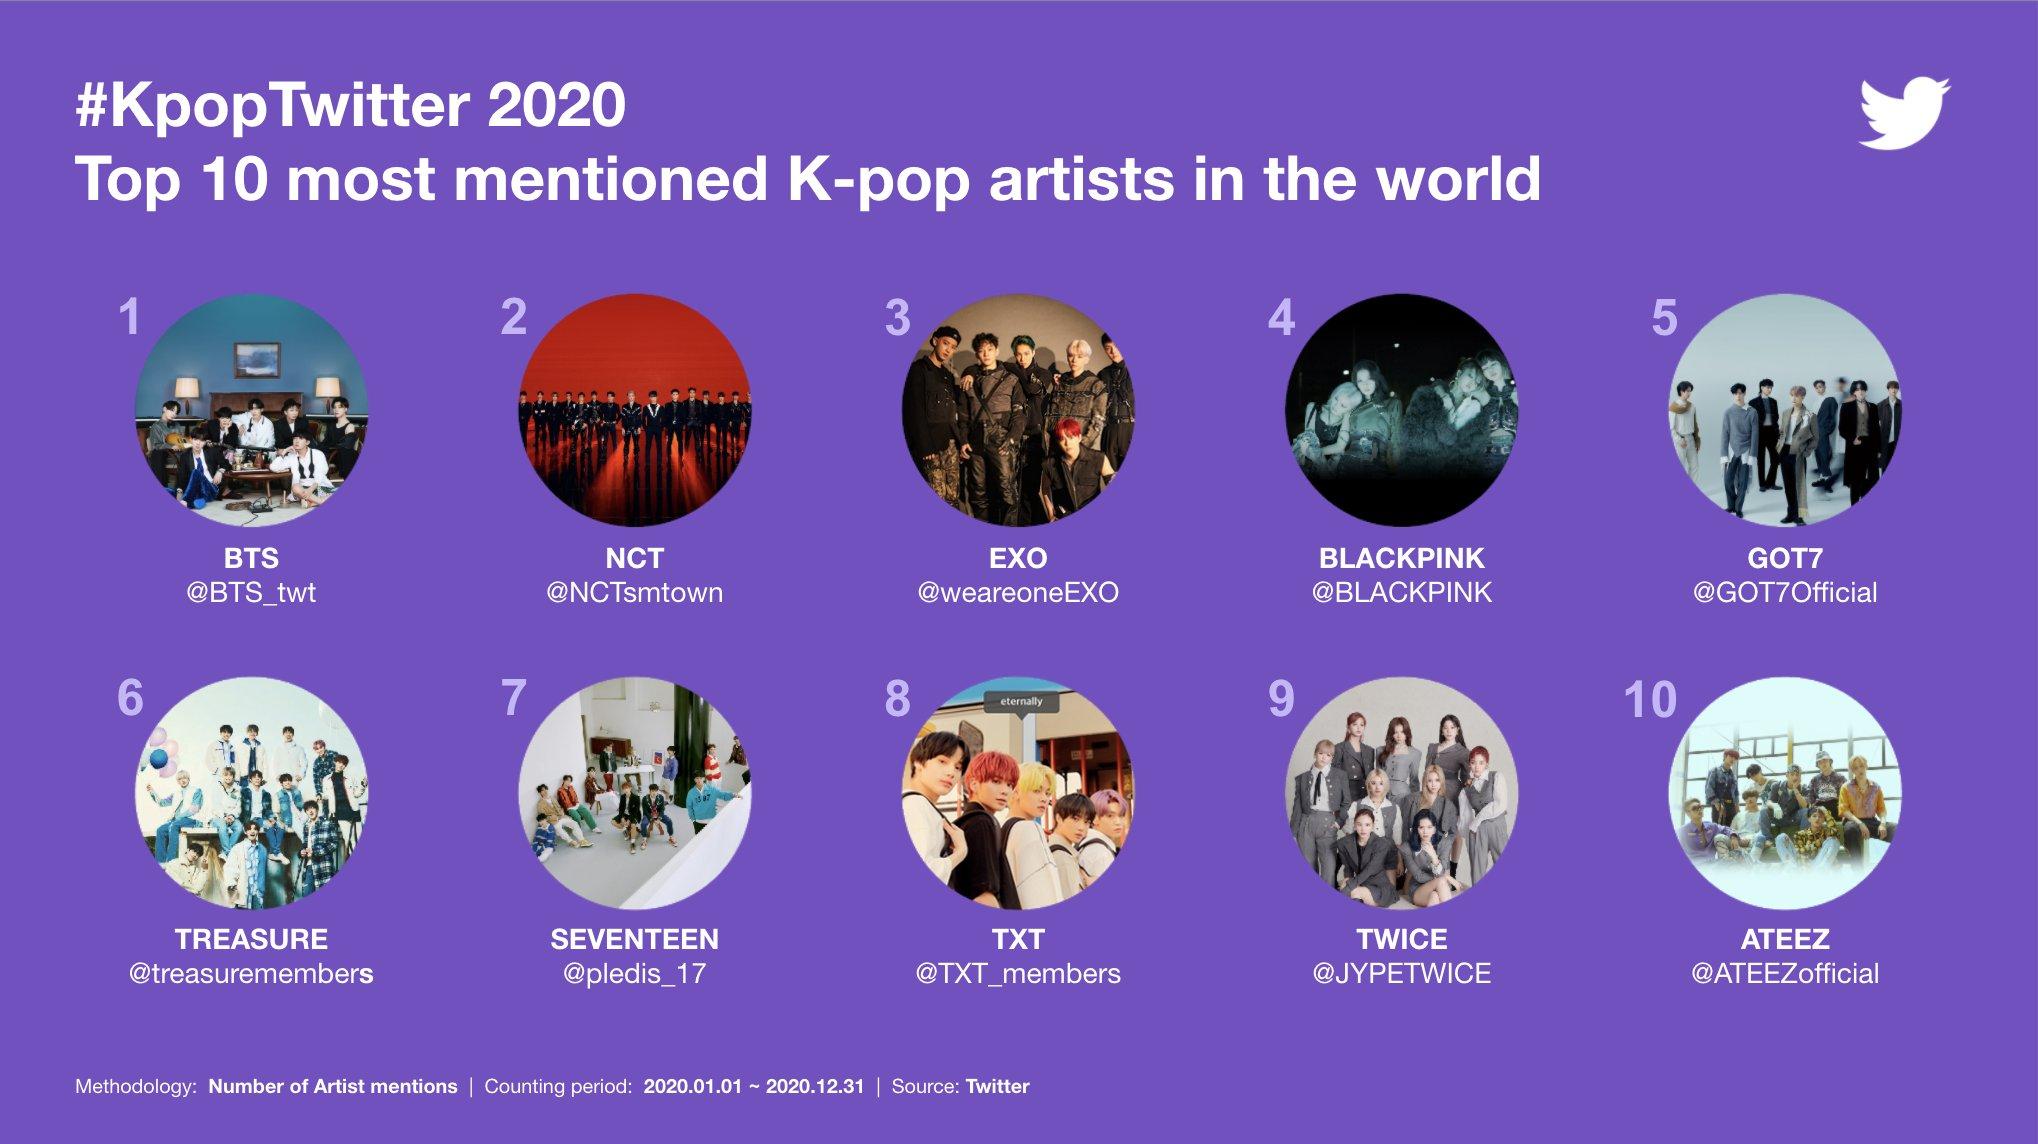 twitter korea kpop 2020 most mentioned @TwitterKorea